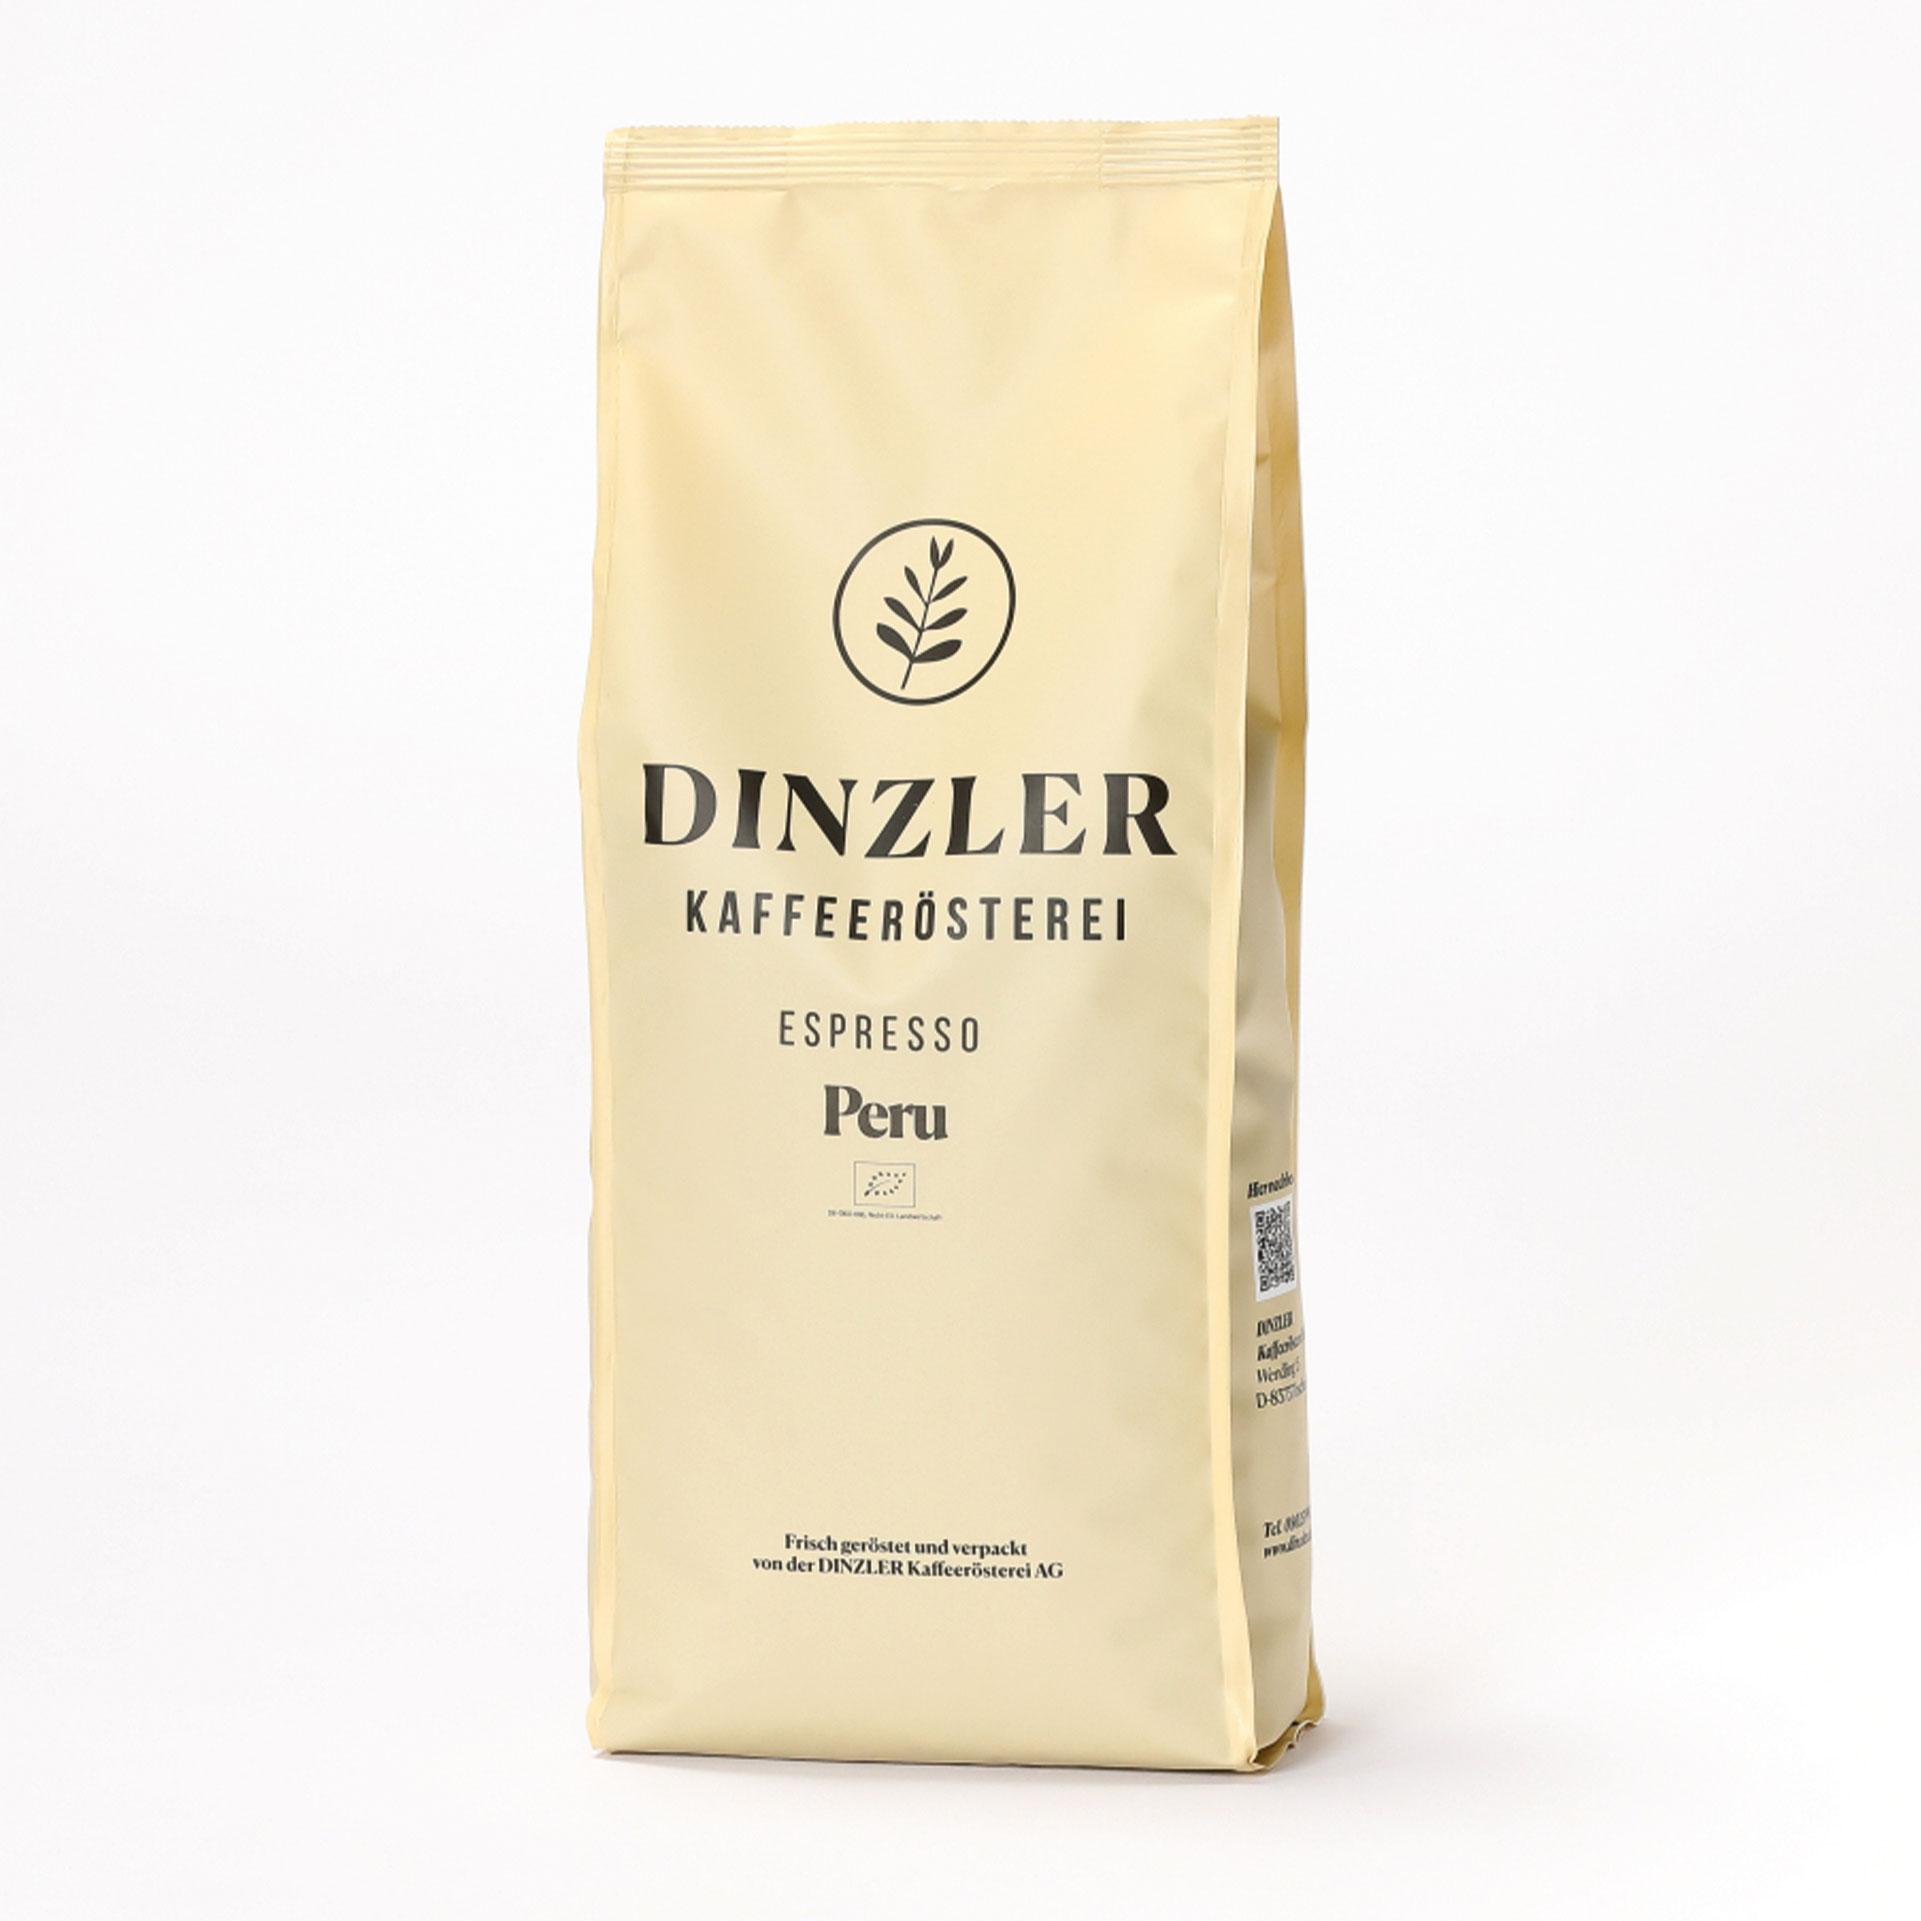 DINZLER Espresso Peru